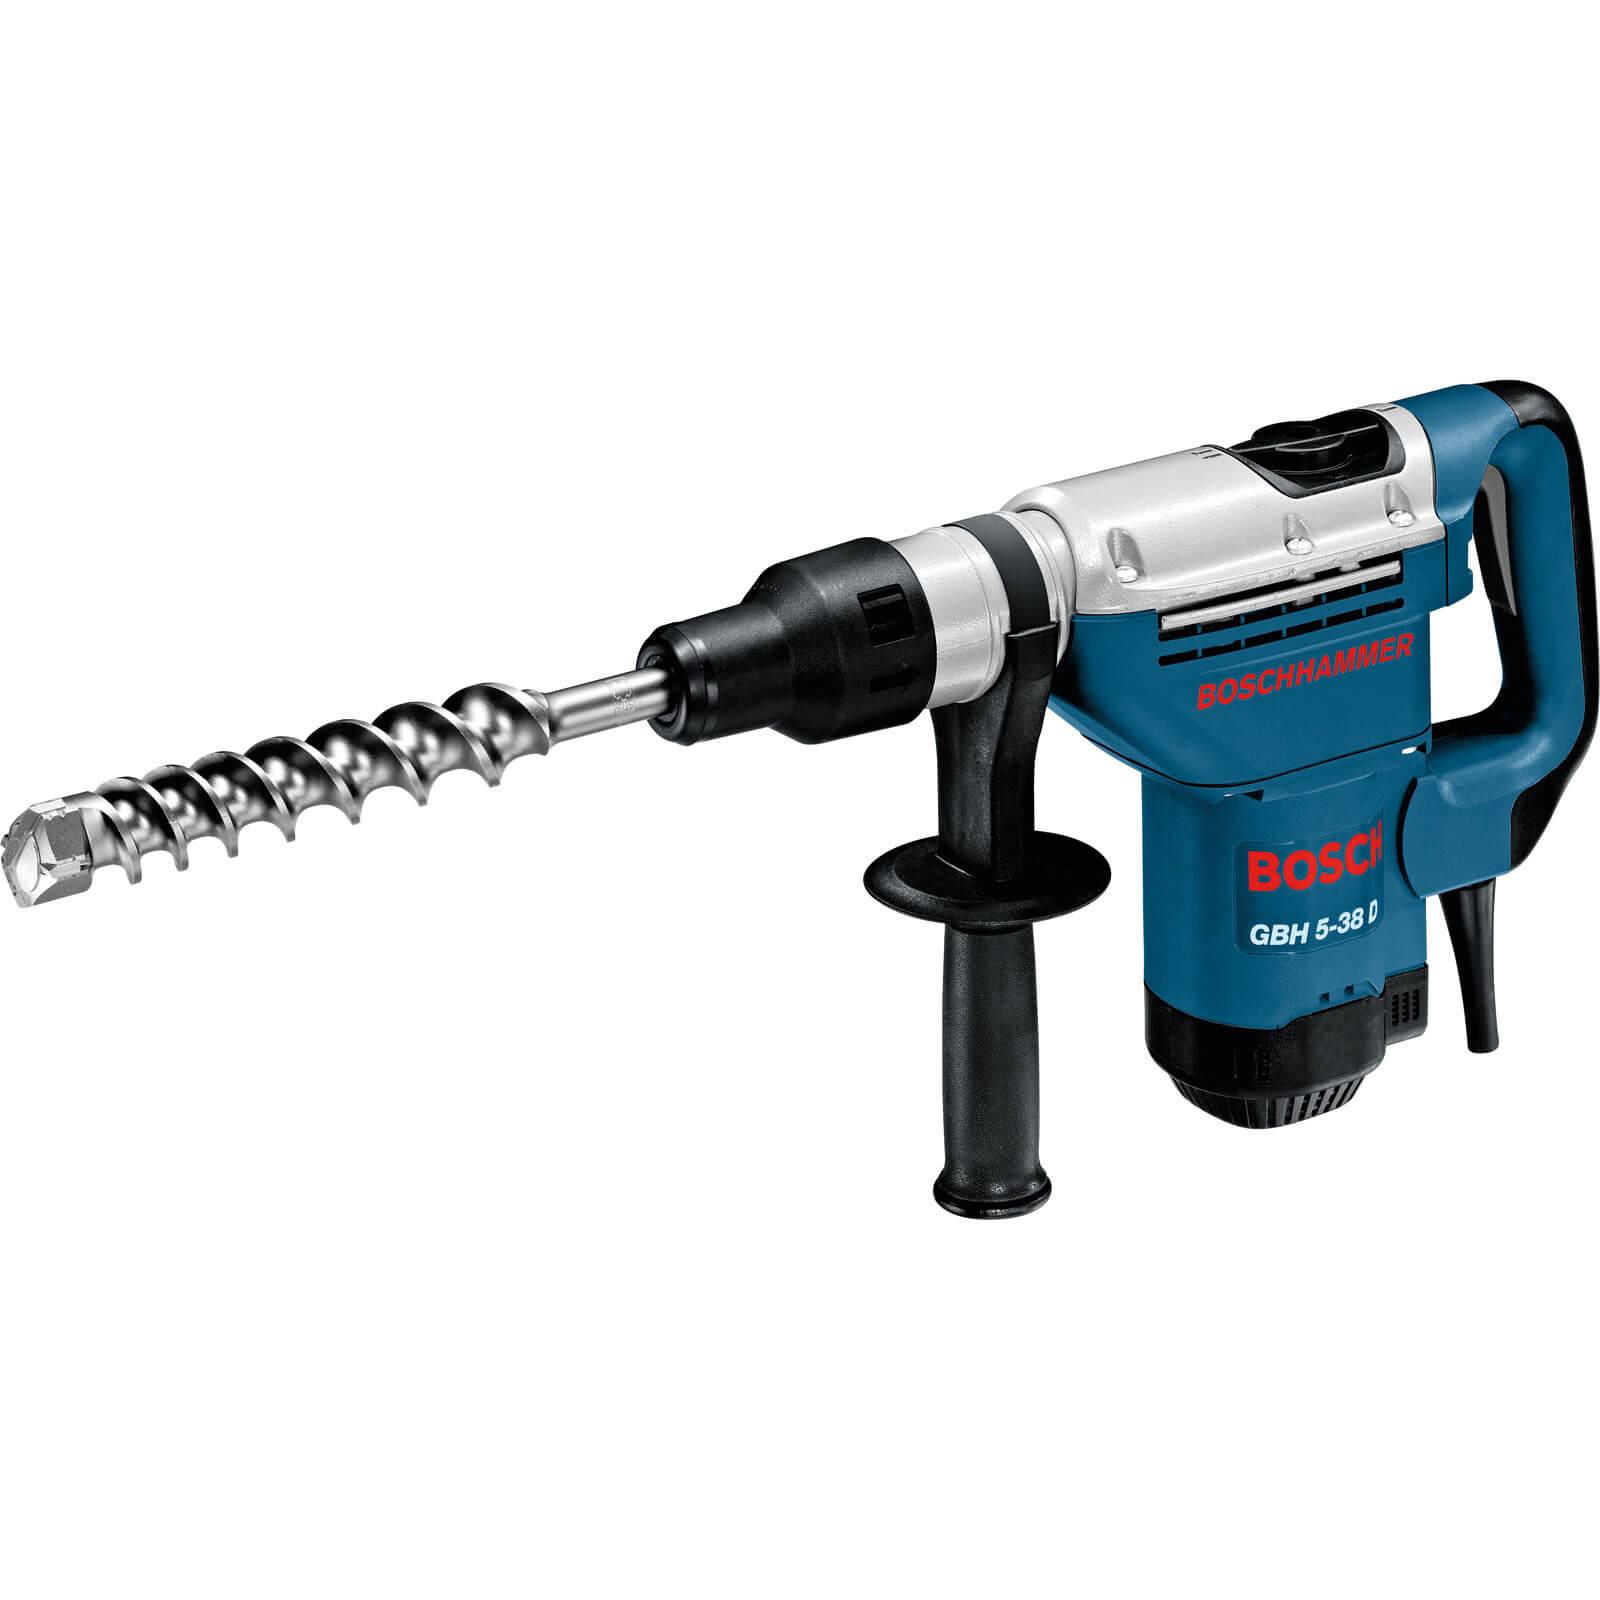 Image of Bosch GBH 5 38 SDS Max Rotary Demolition Hammer 110v